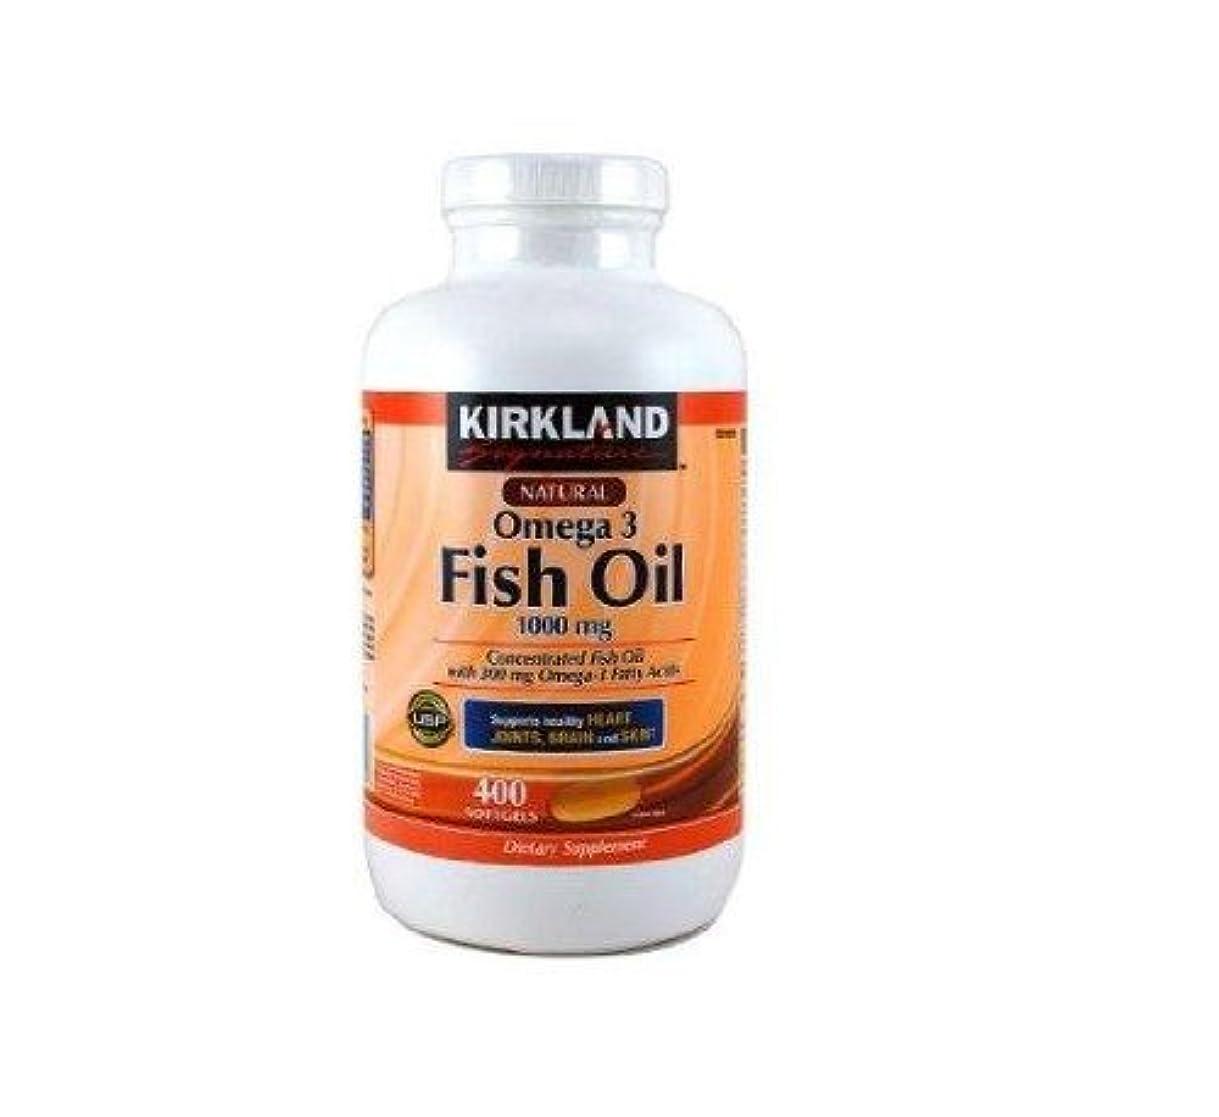 さまよう内側離れてKIRKLAND社 フィッシュオイル (DHA+EPA) オメガ3 1000mg 400ソフトカプセル 2本 [並行輸入品] [海外直送品] Two KIRKLAND's Fish oil (DHA + EPA) omega-3 1000mg 400 soft capsules [parallel import goods] [overseas direct shipment product]